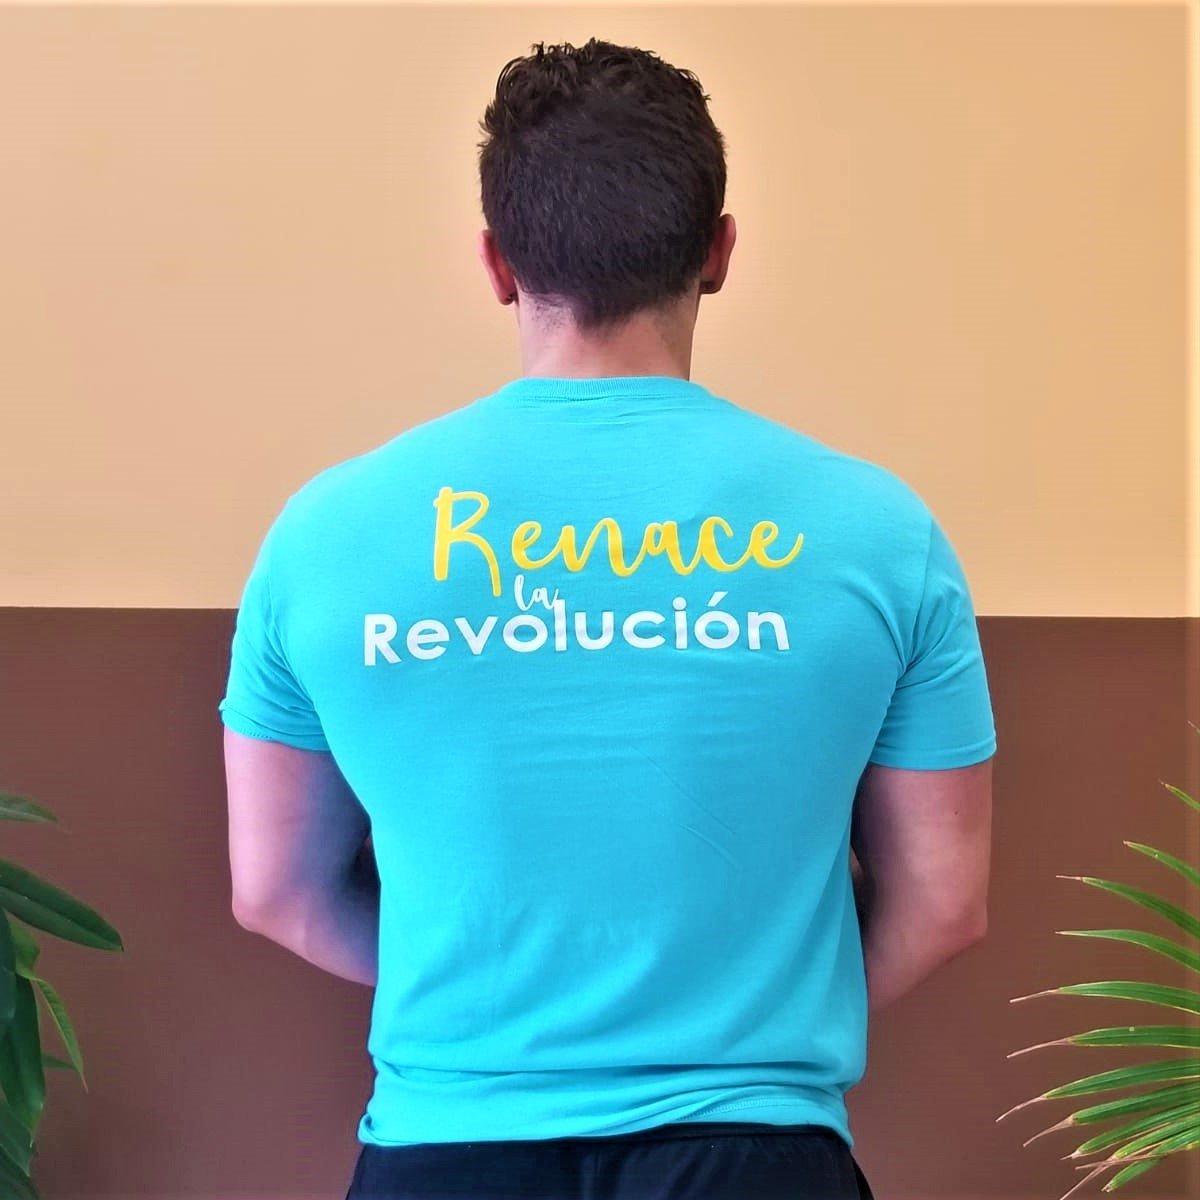 Camiseta Unisex sin cuello - Acuerdo Nacional -Revolución Ciudadana